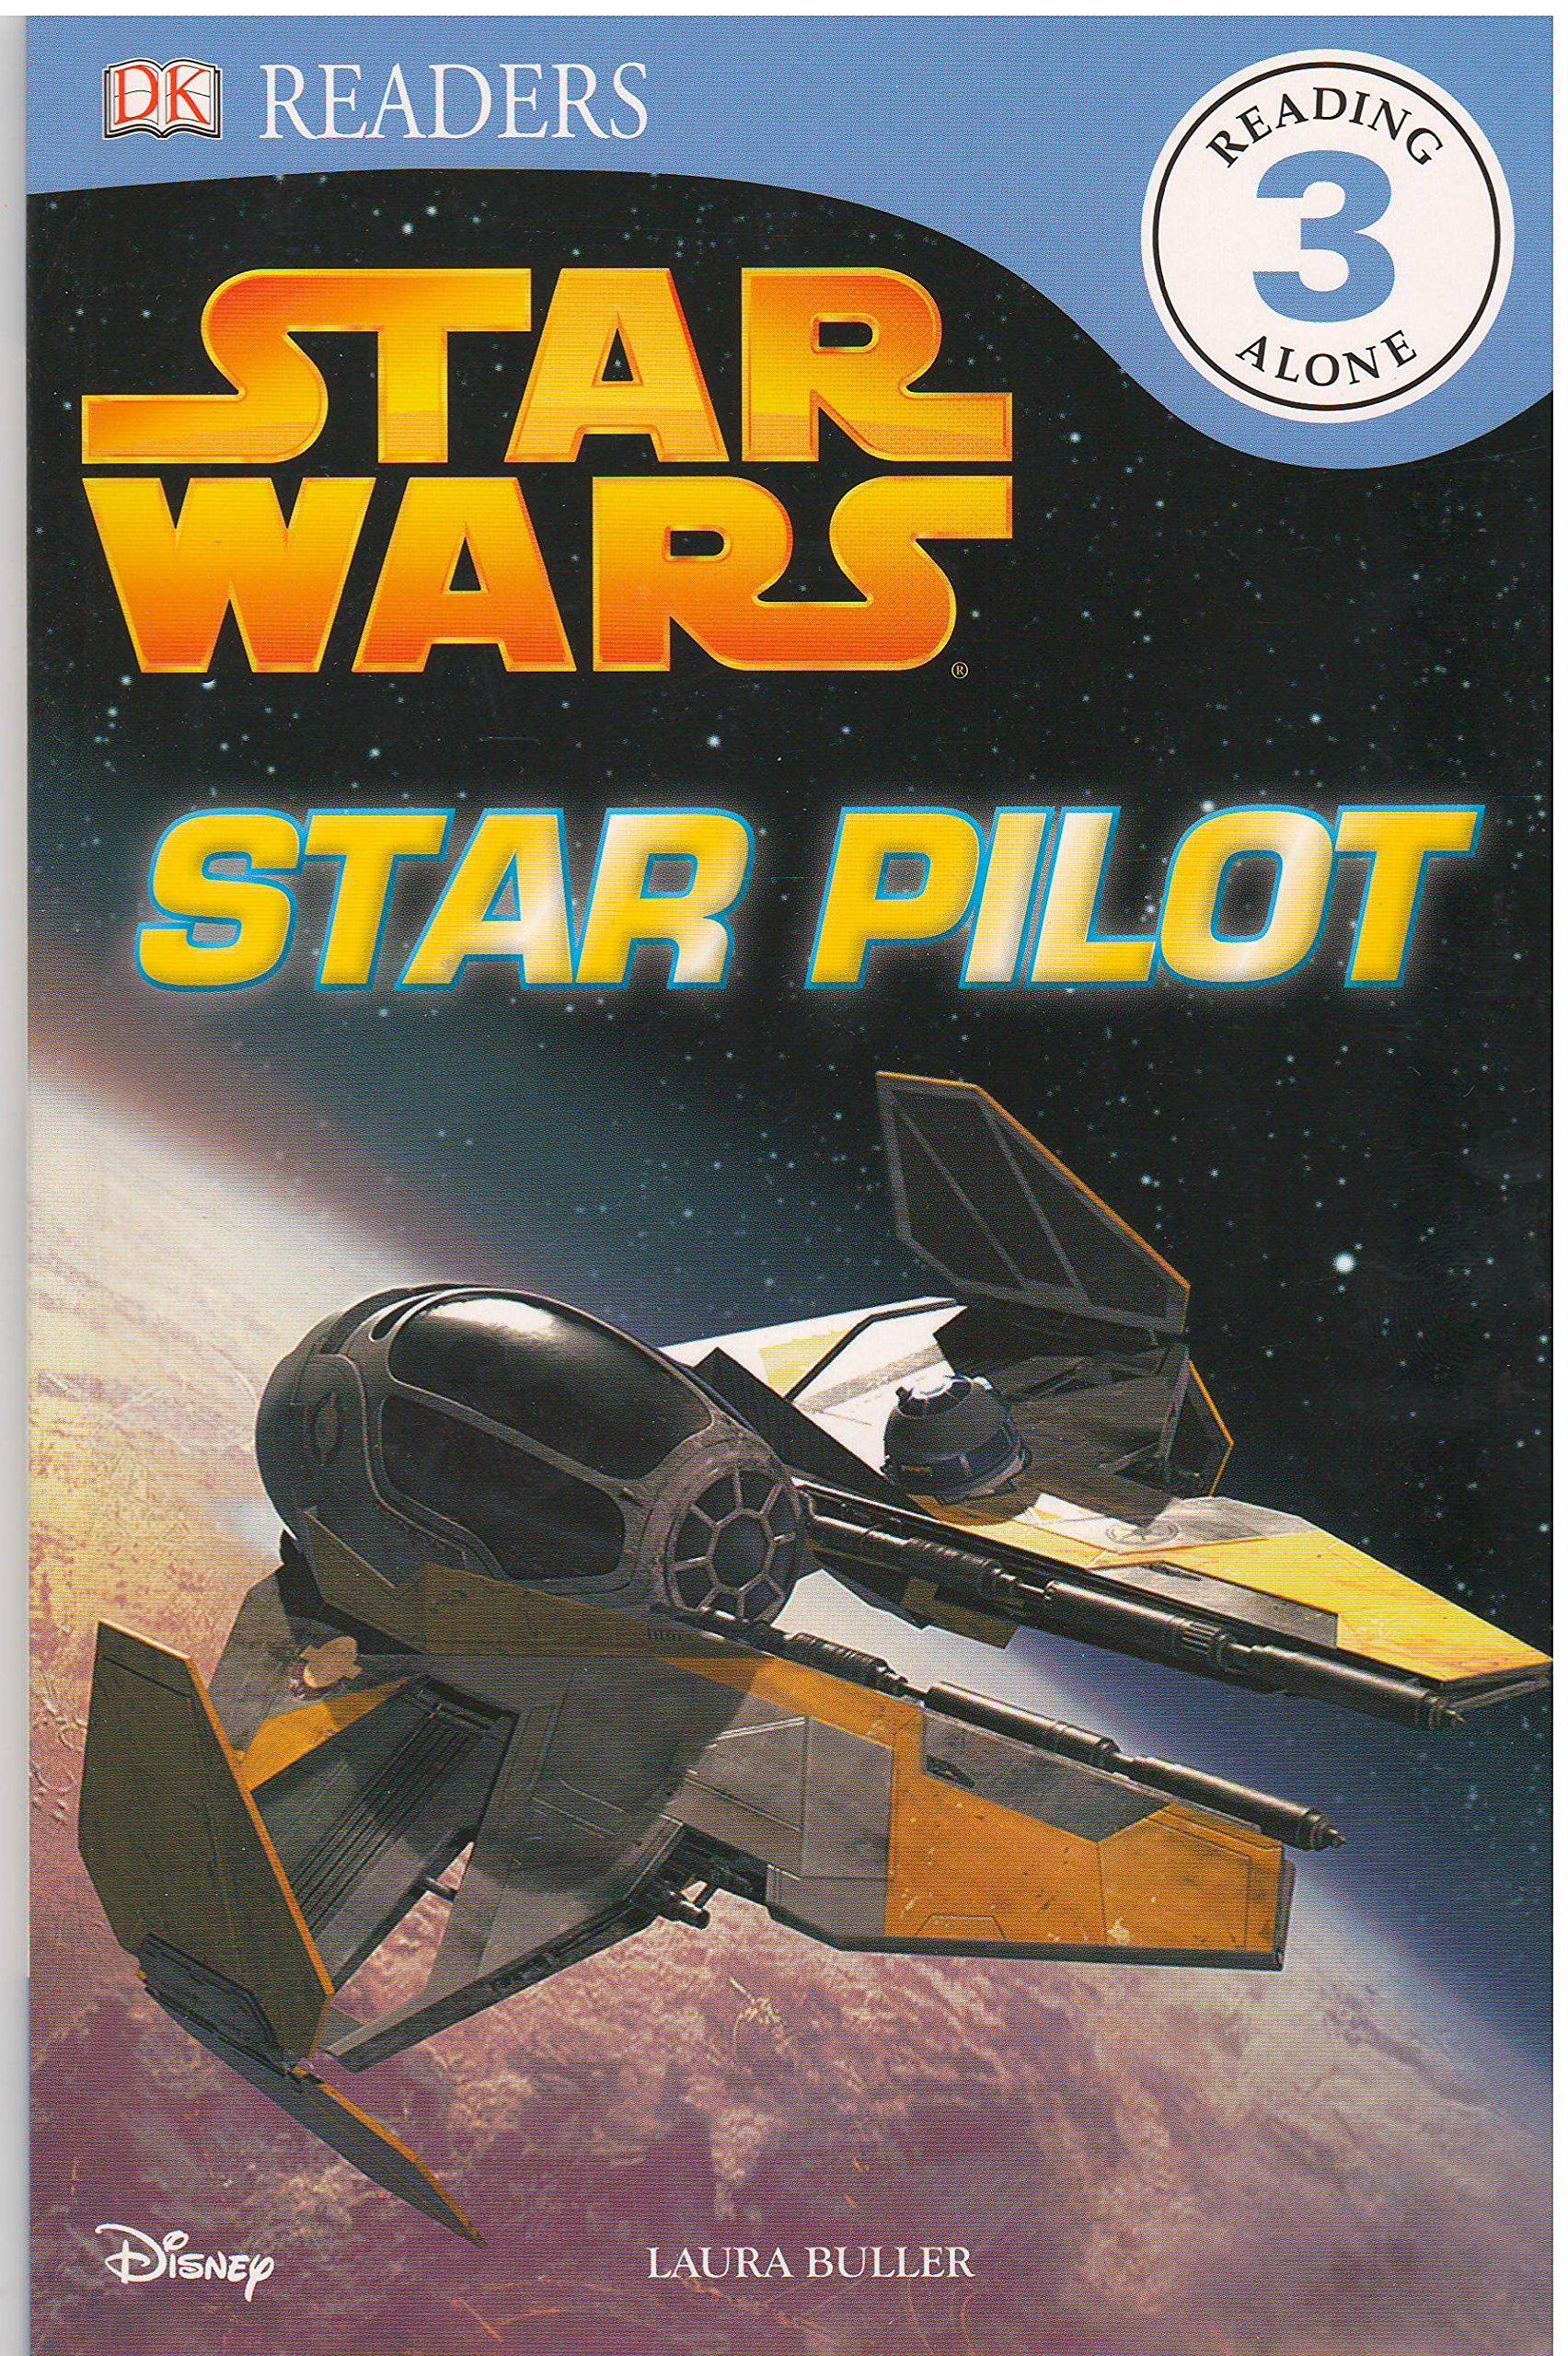 Star Wars: Star Pilot